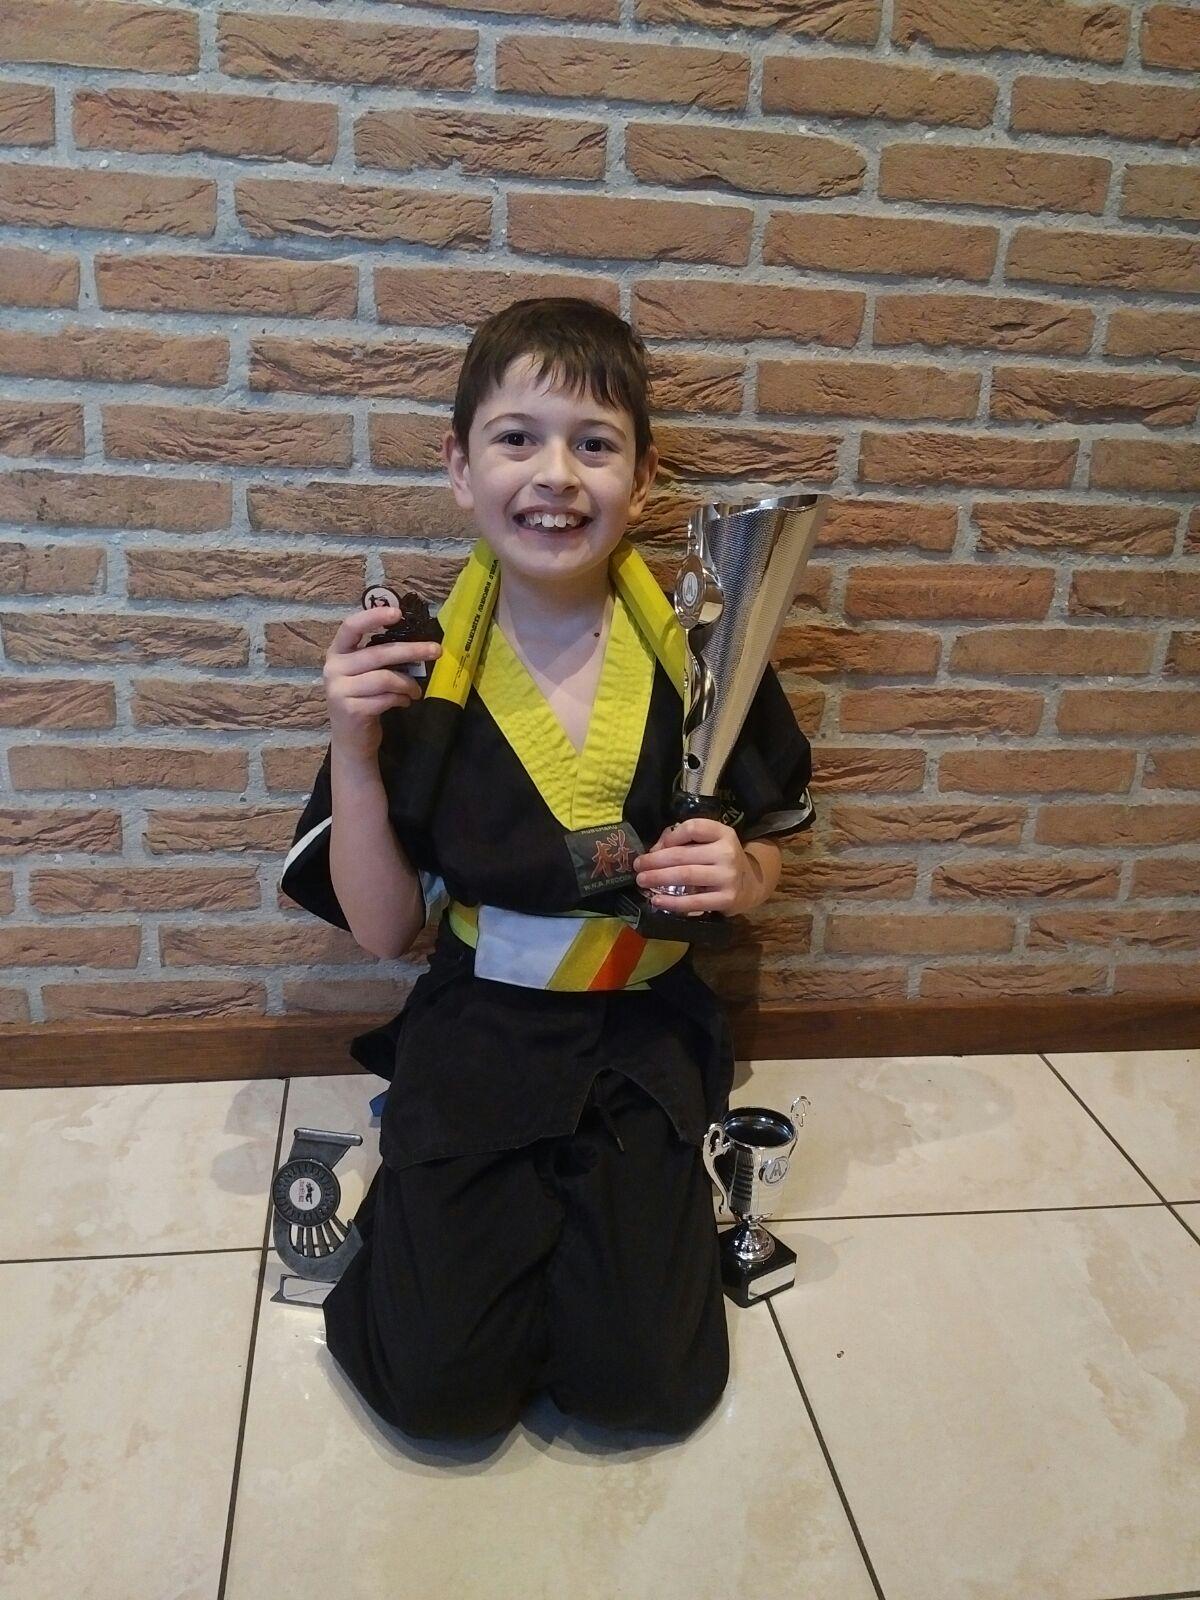 Dylan van Es: kumite -1.35 1ste plaats/ kata 2de plaats